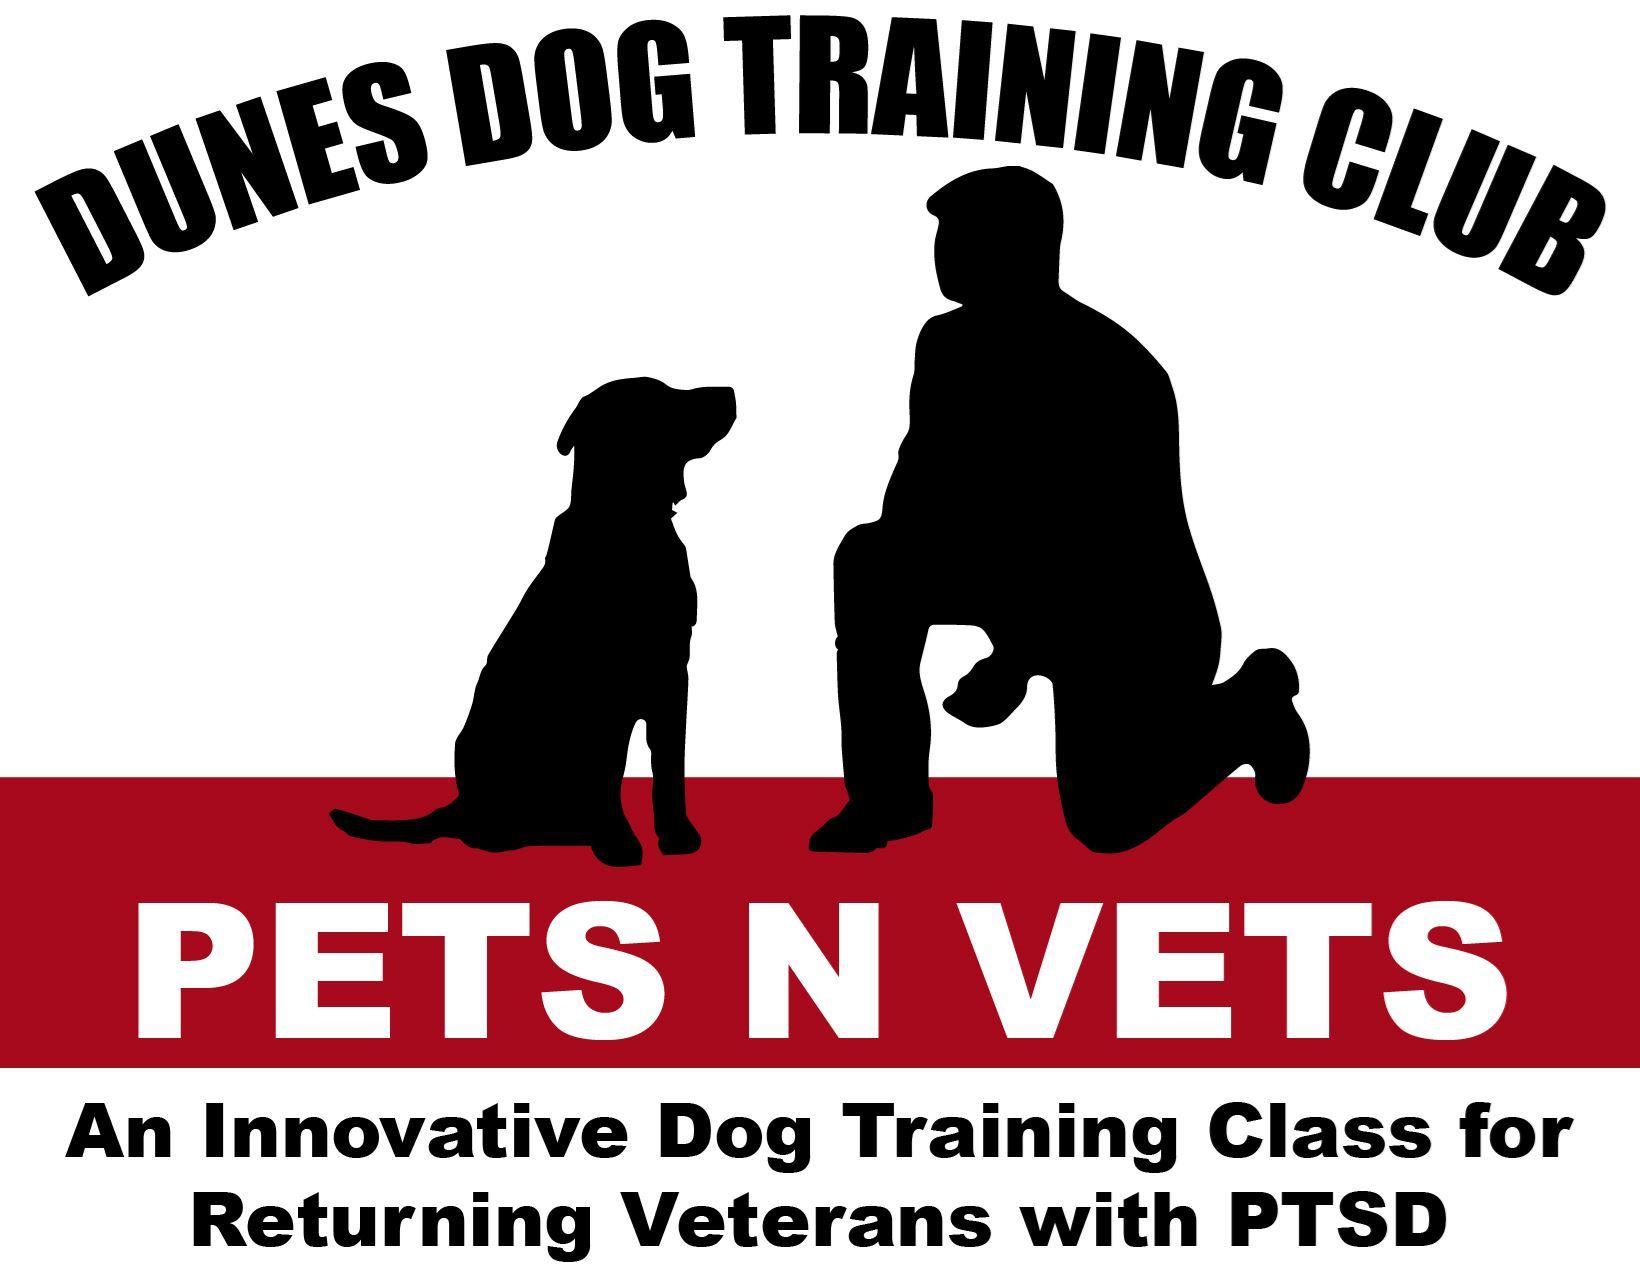 0000132_pets-n-vets-donations-original